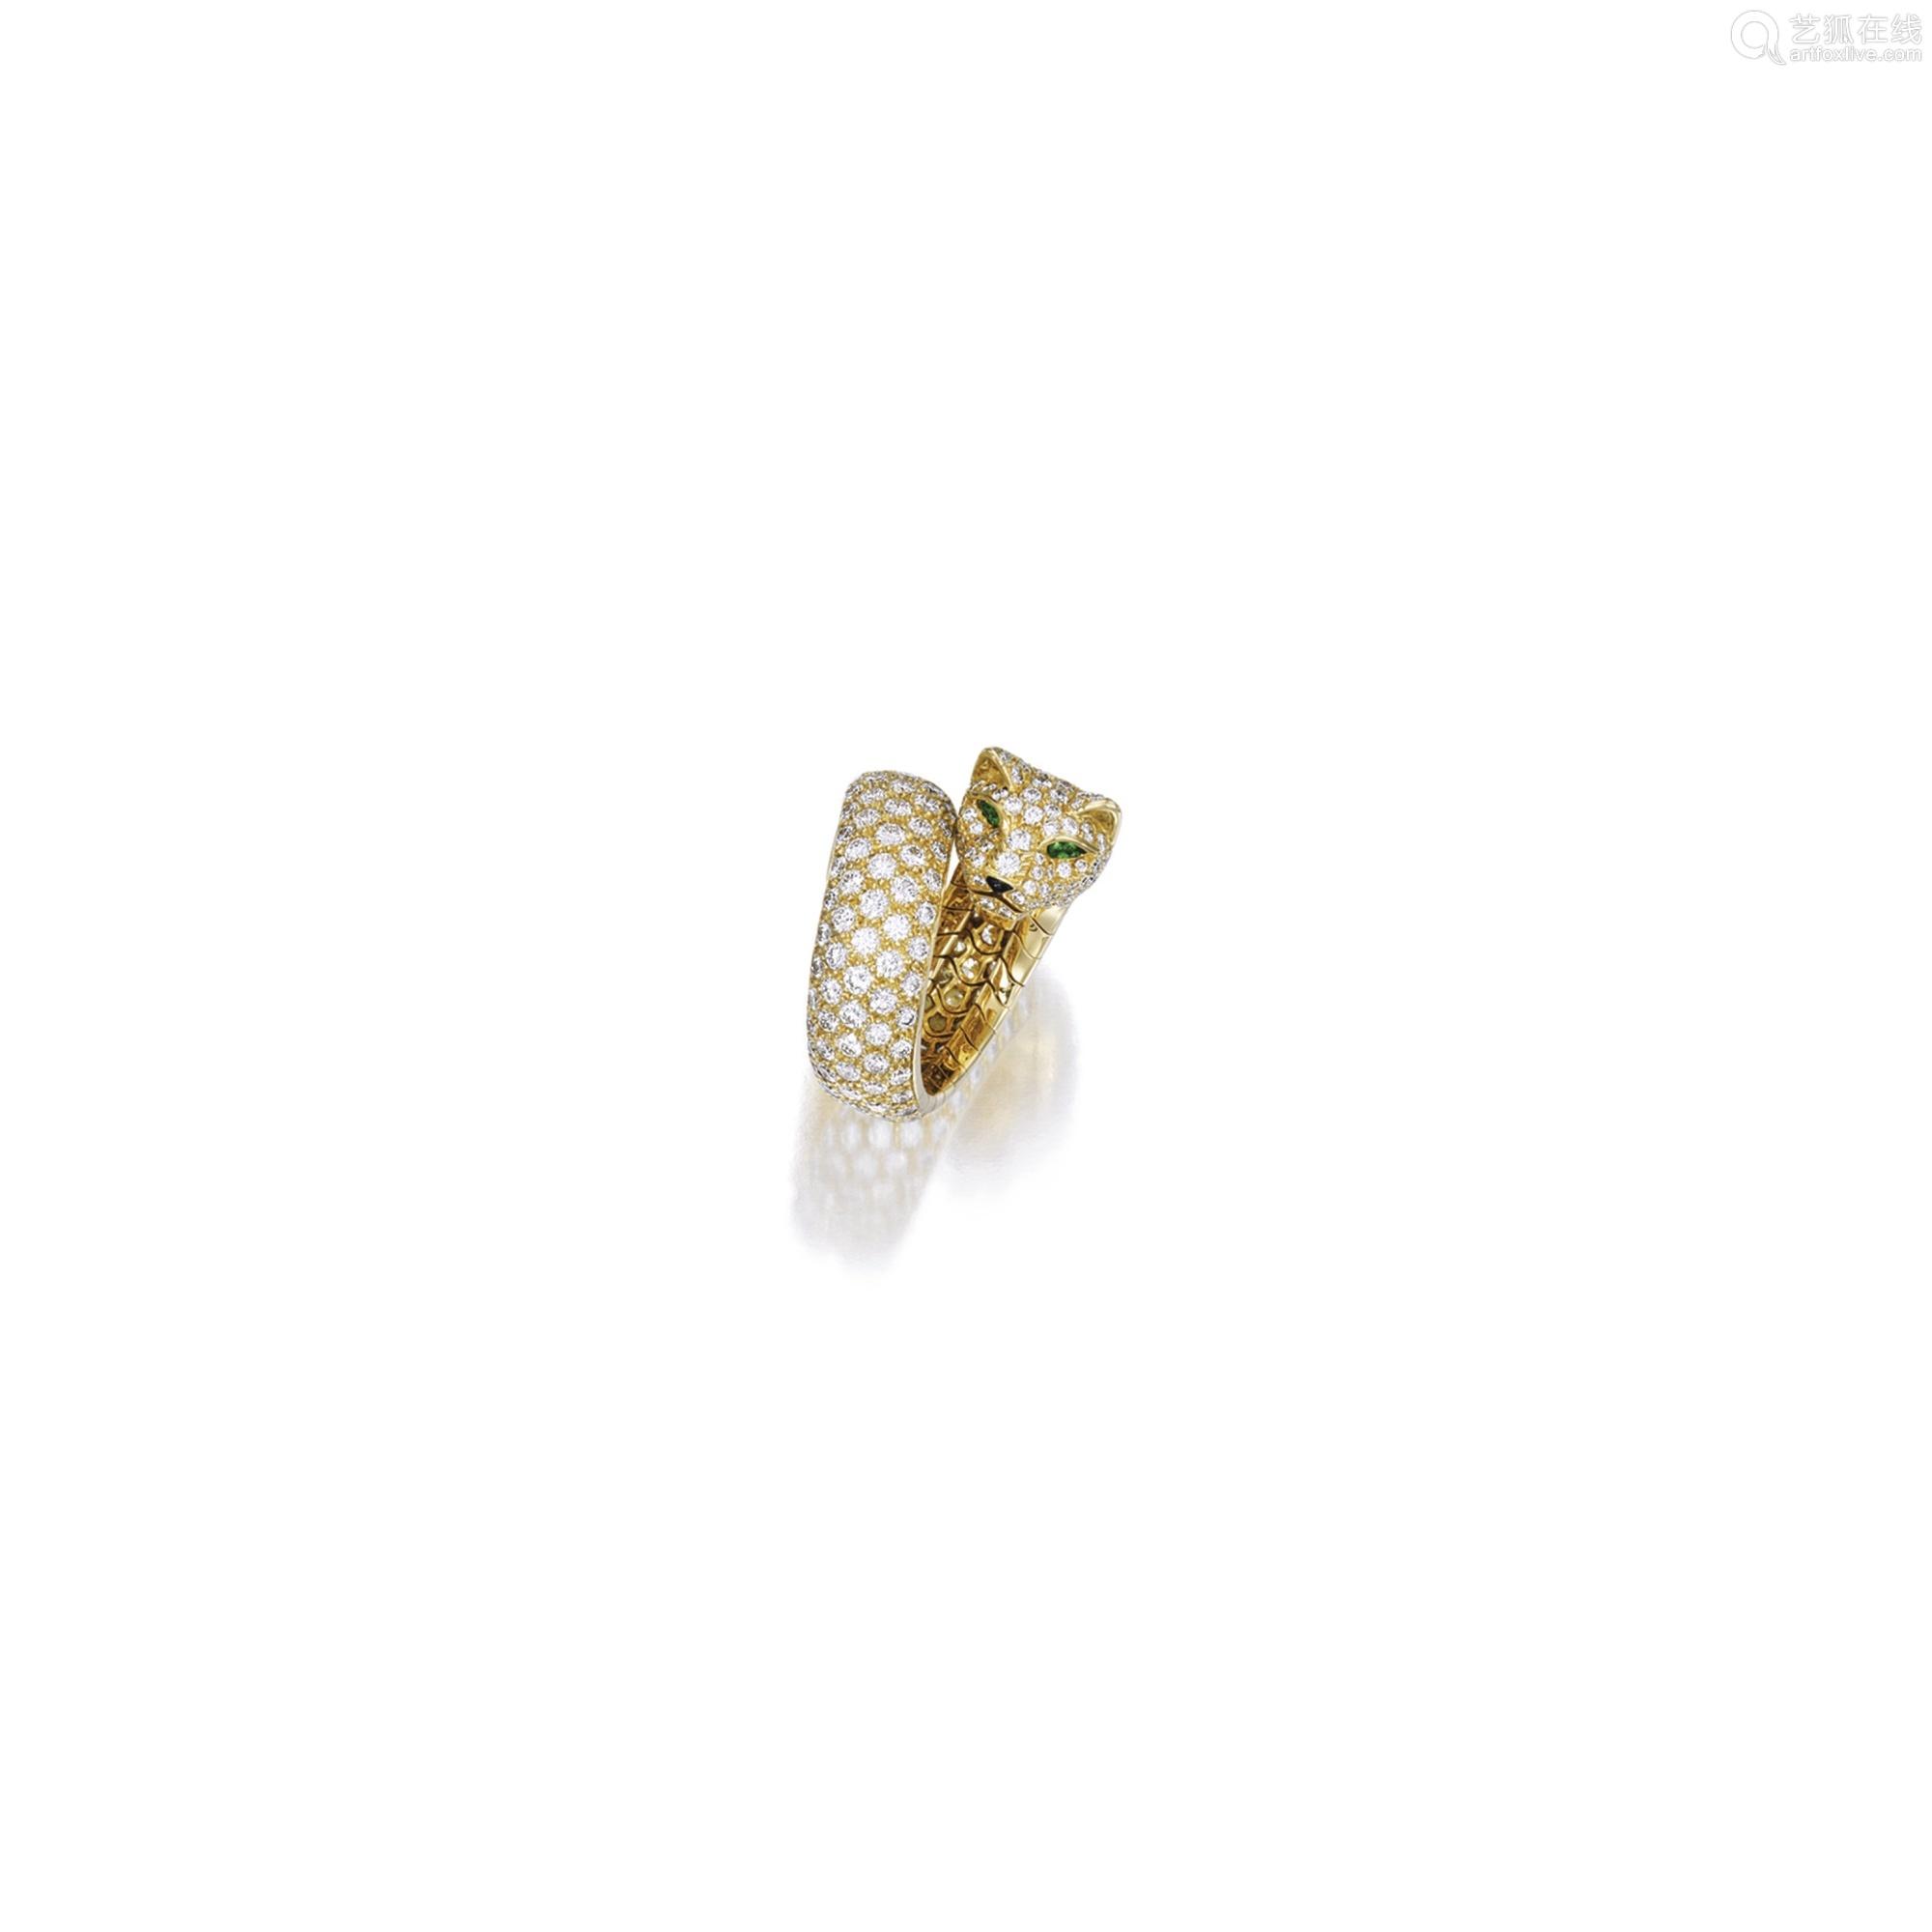 钻石配缟玛瑙及袓母绿「豹」戒指 卡地亚(Cartier)